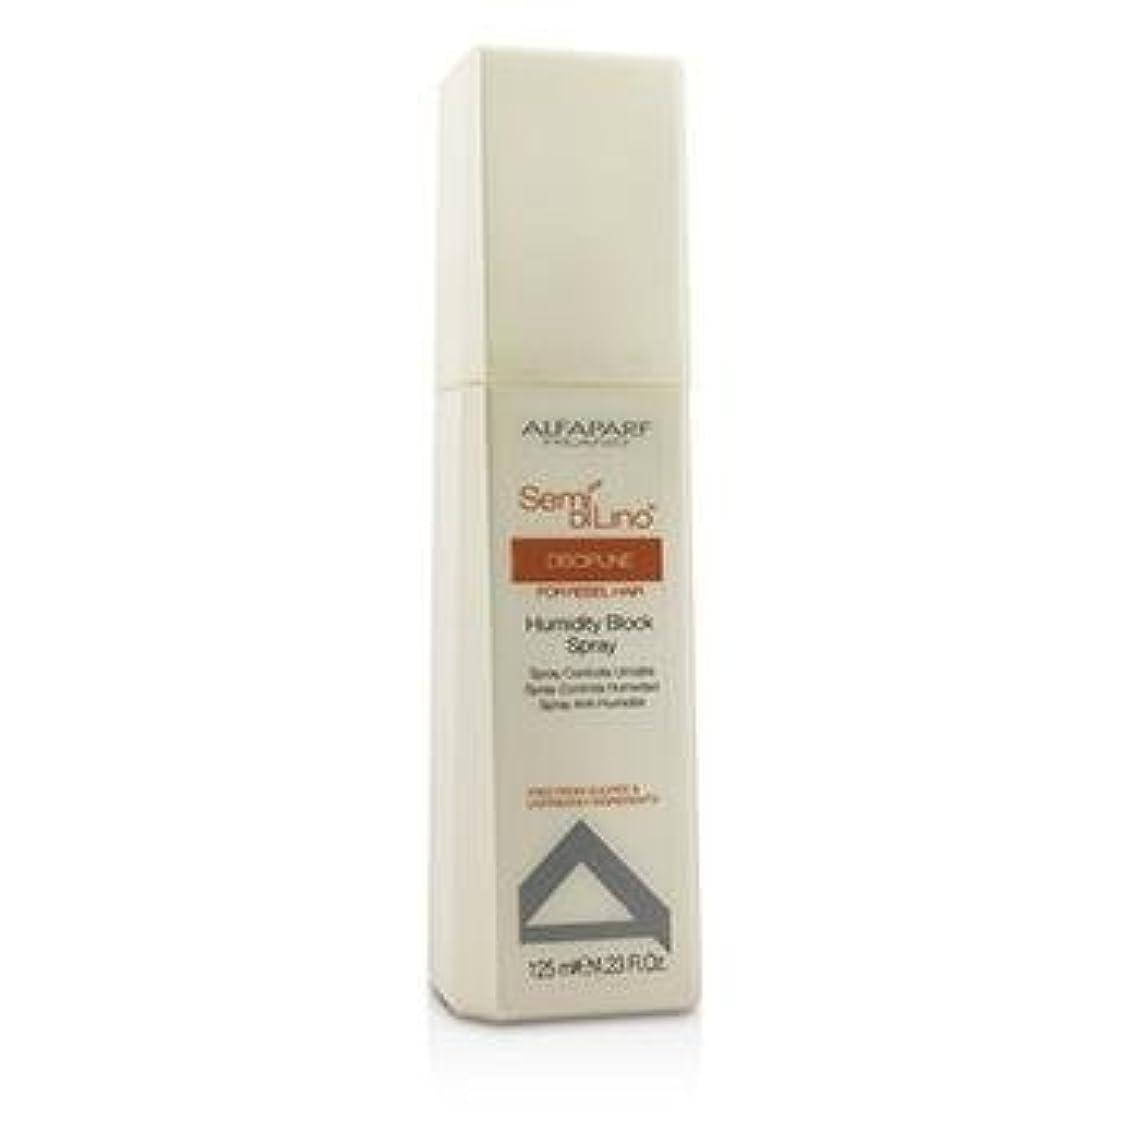 ピッチャーリーンインターネットアルファパルフ Semi Di Lino Discipline Humidity Block Spray (For Rebel Hair) 125ml